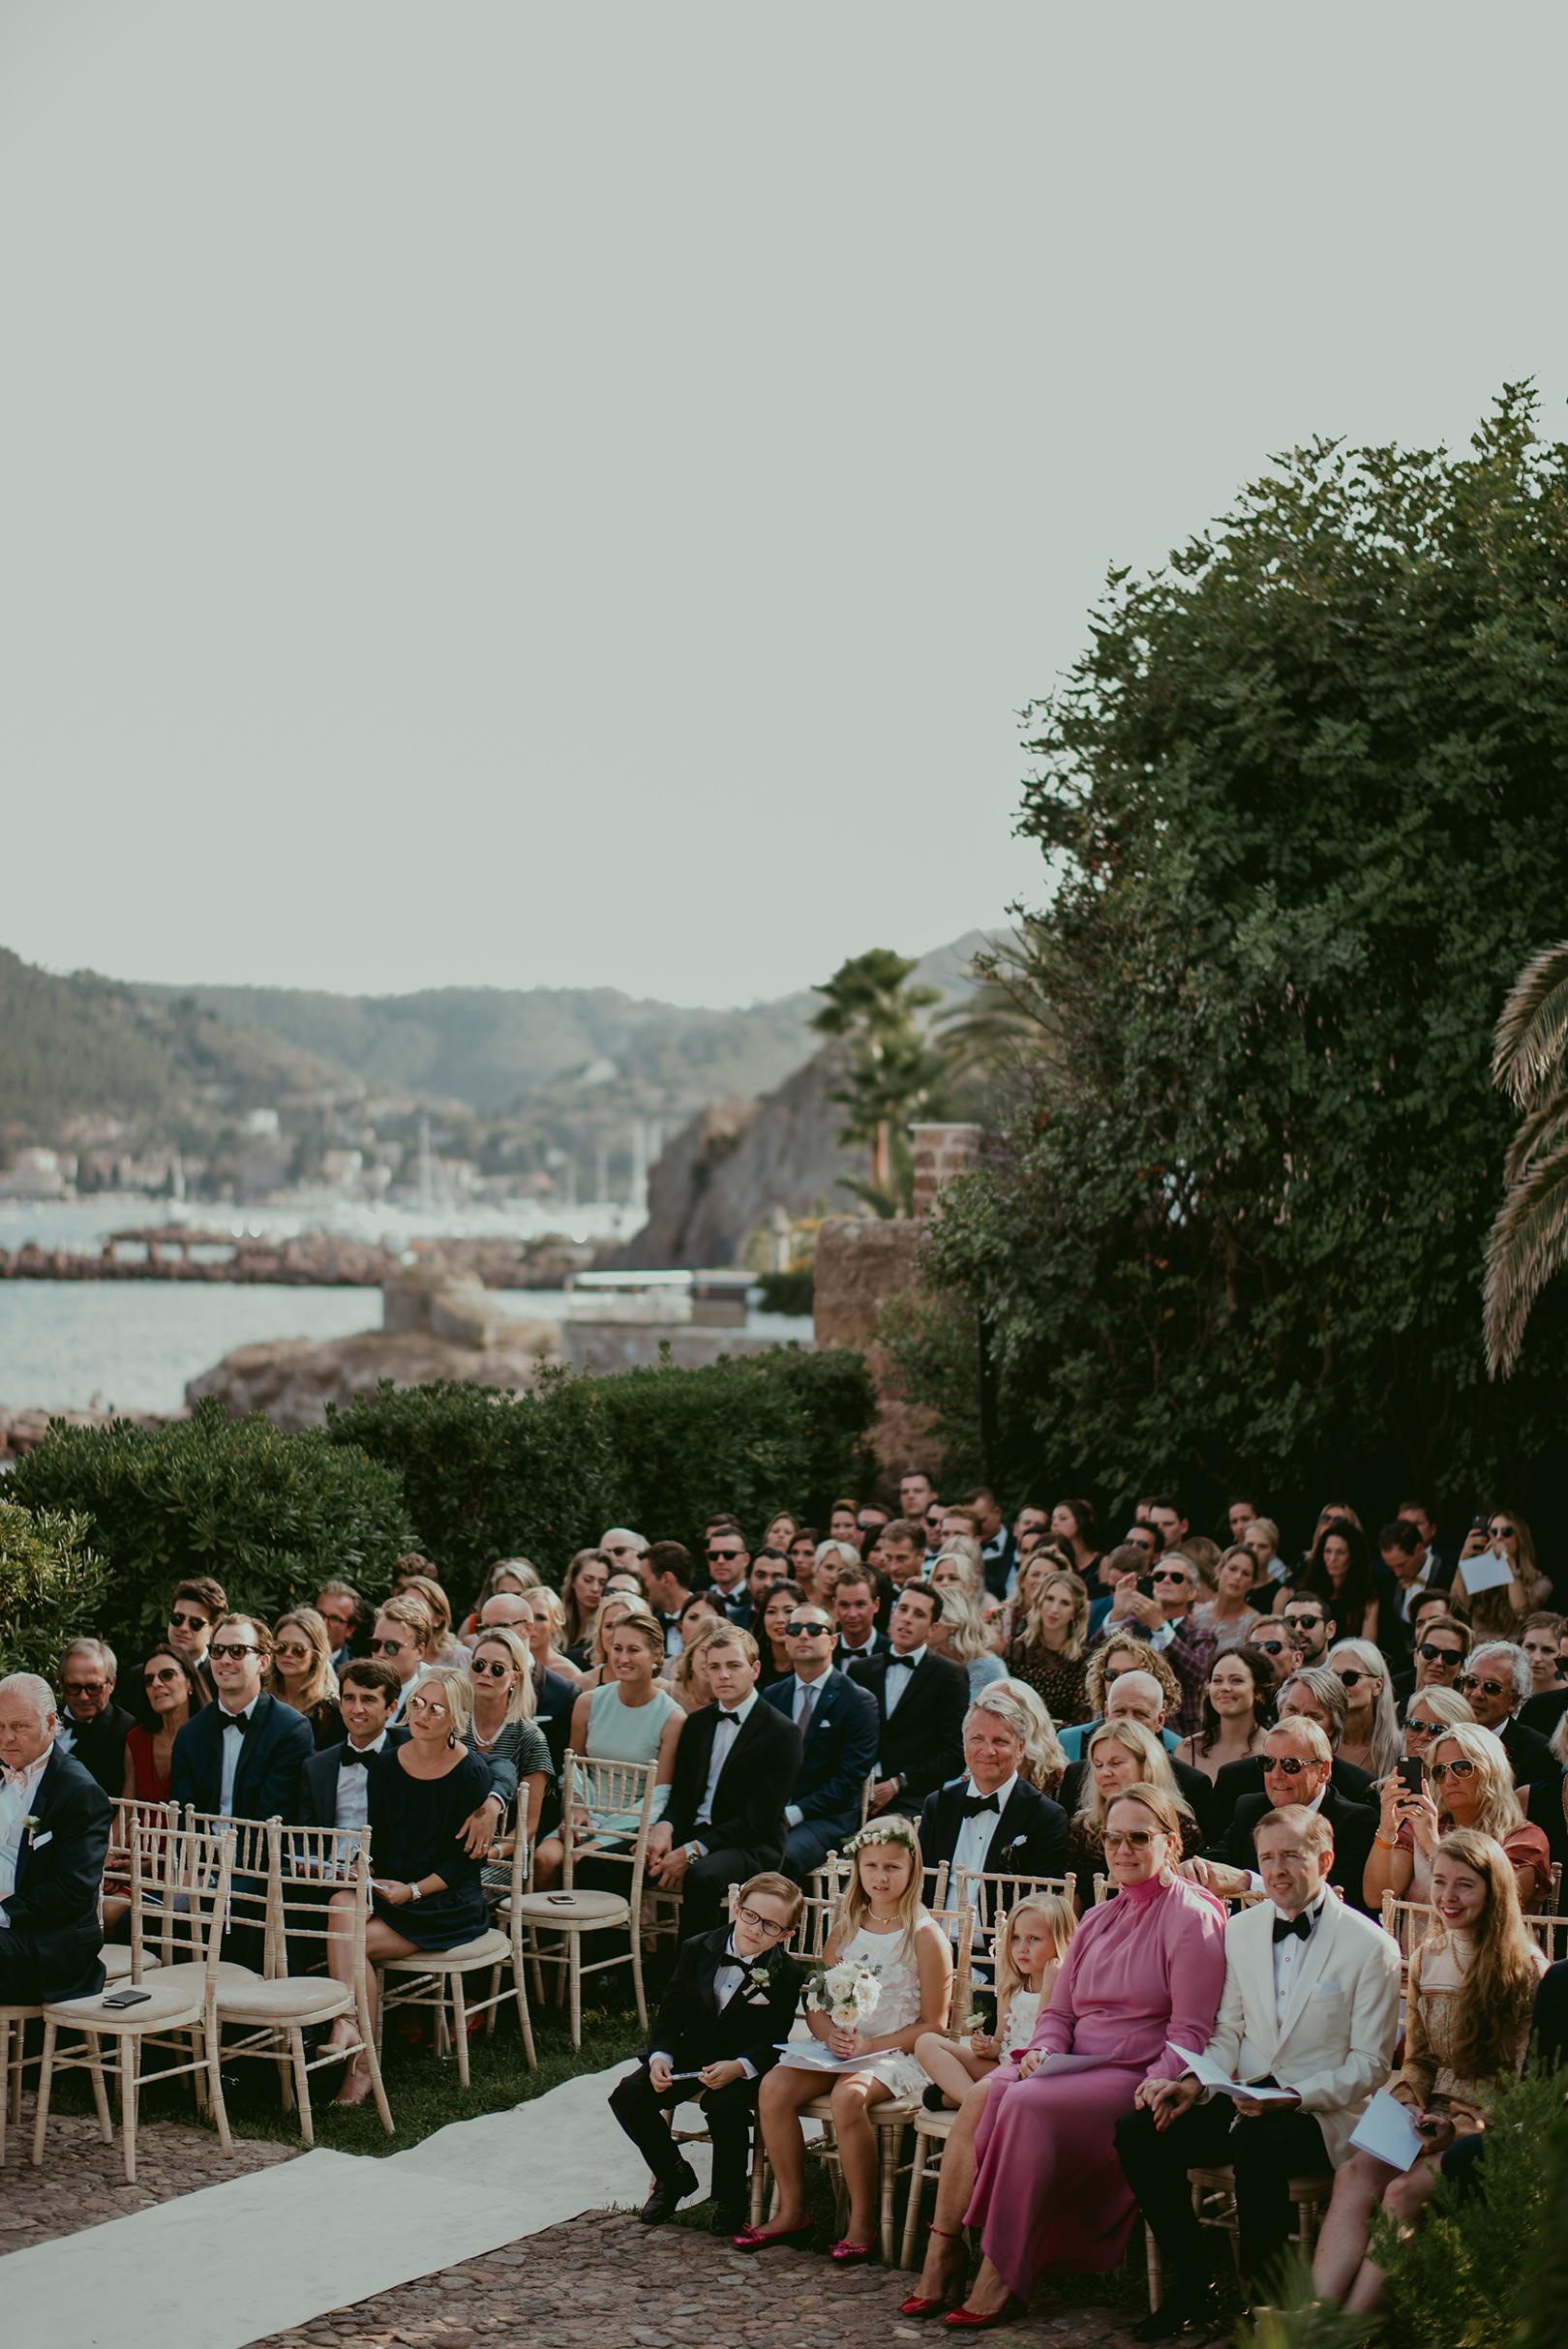 Wedding guests at Chateau de la Napoule in Cannes